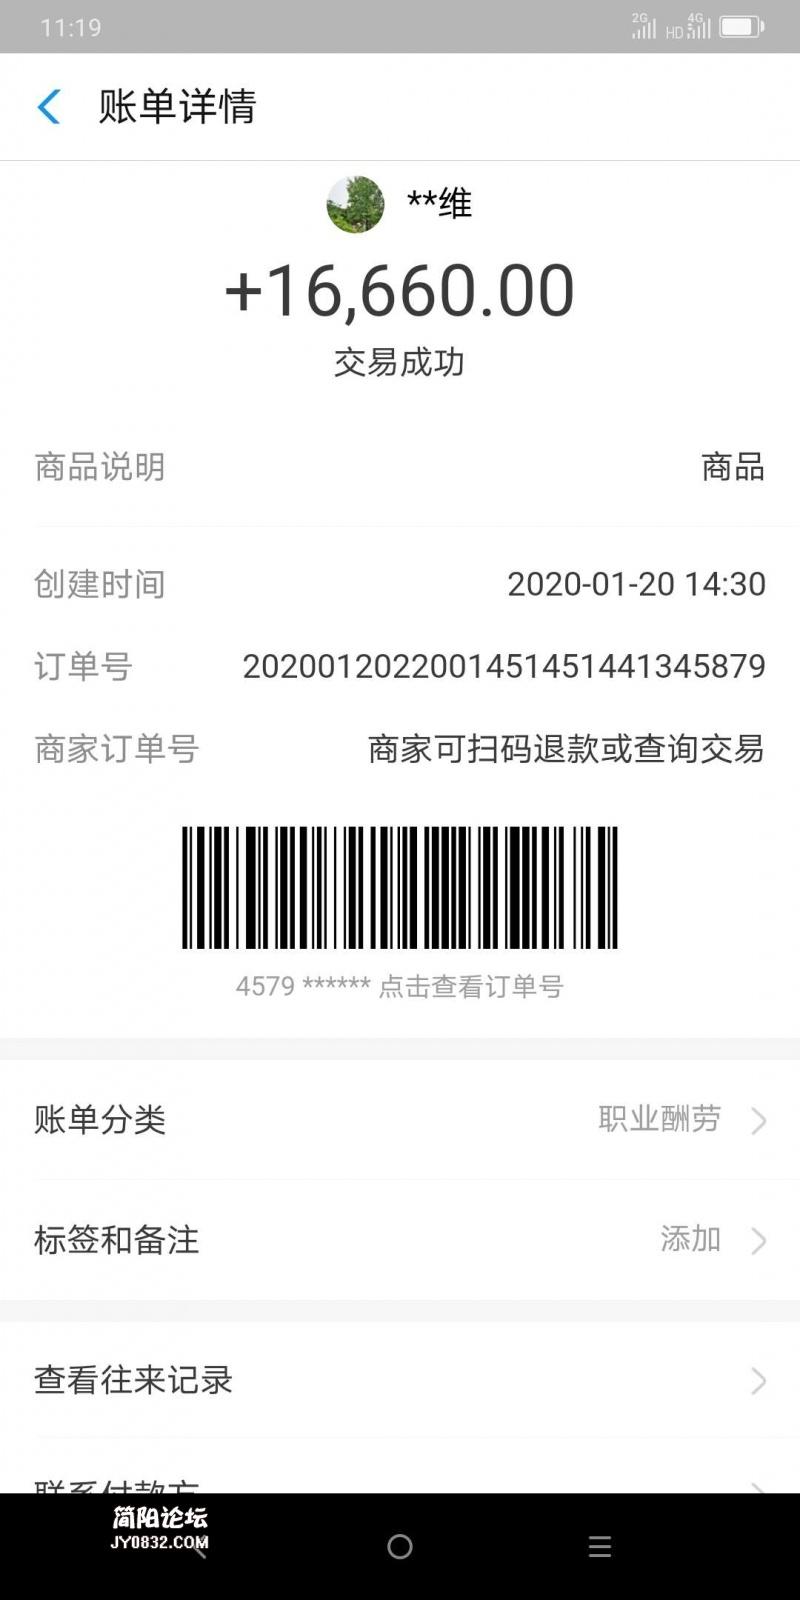 微信图片_20200316112020.jpg